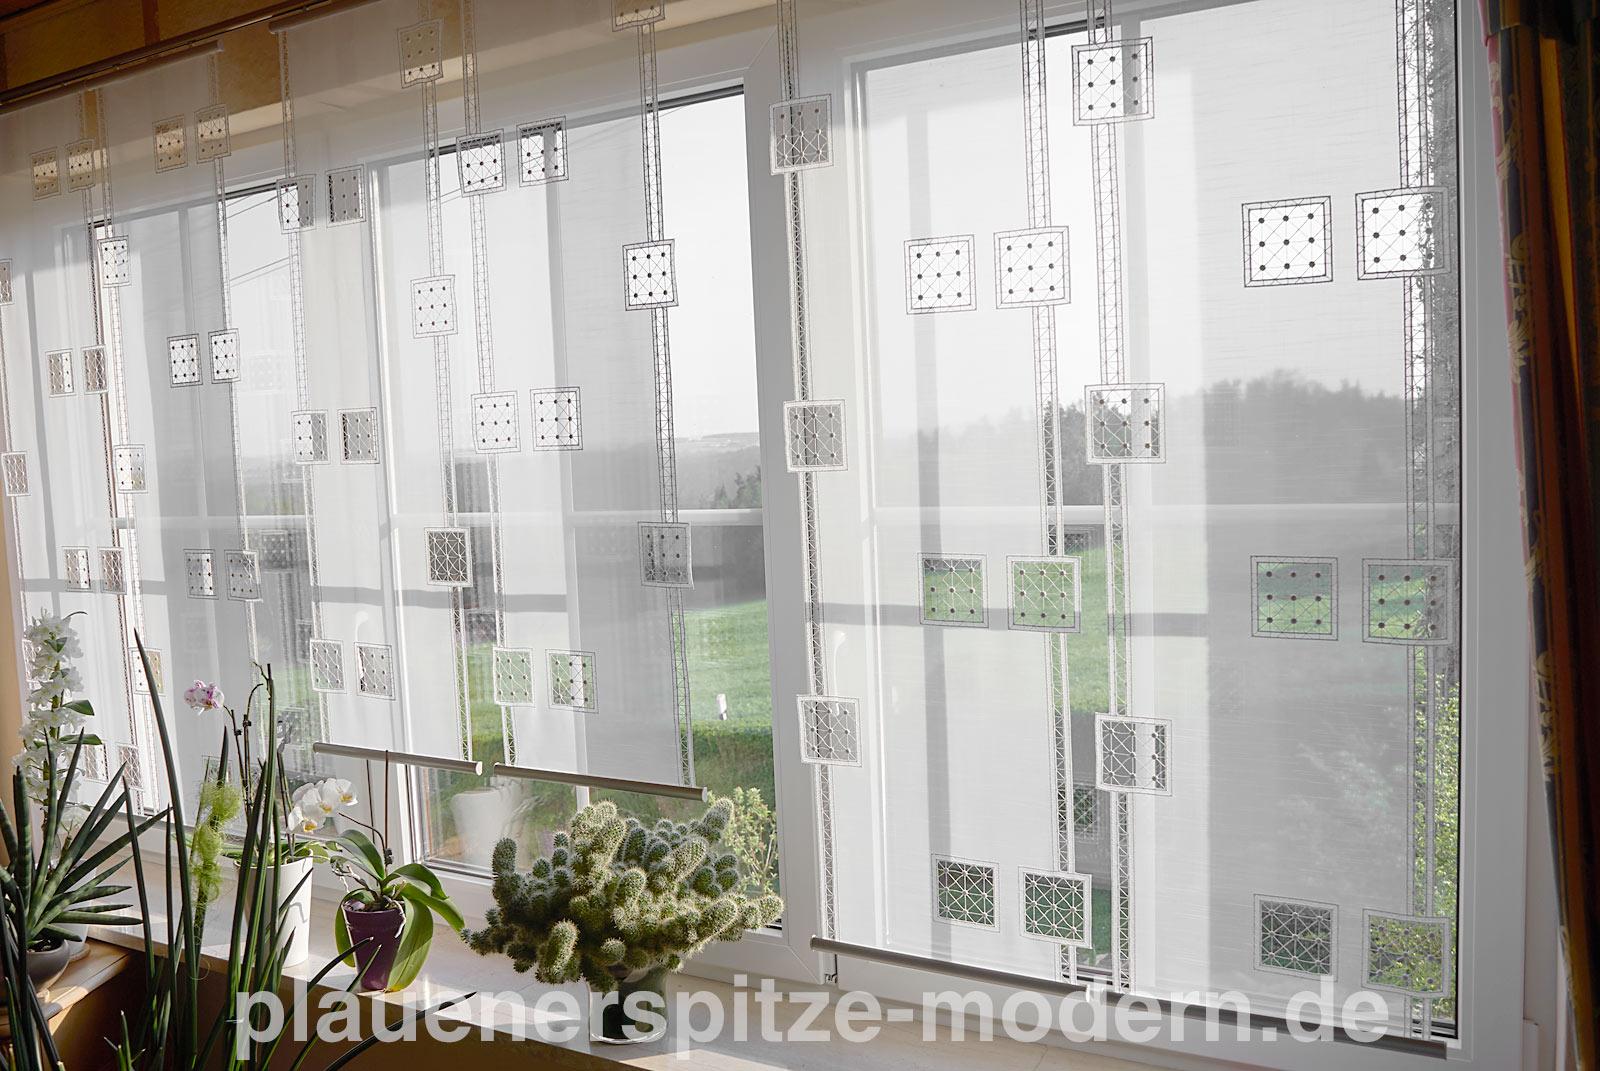 Full Size of Gardinen Modern Moderne Duschen Für Wohnzimmer Schlafzimmer Küche Holz Modernes Bett 180x200 Bilder Fürs Deckenlampen Scheibengardinen Weiss Esstische Die Wohnzimmer Gardinen Modern